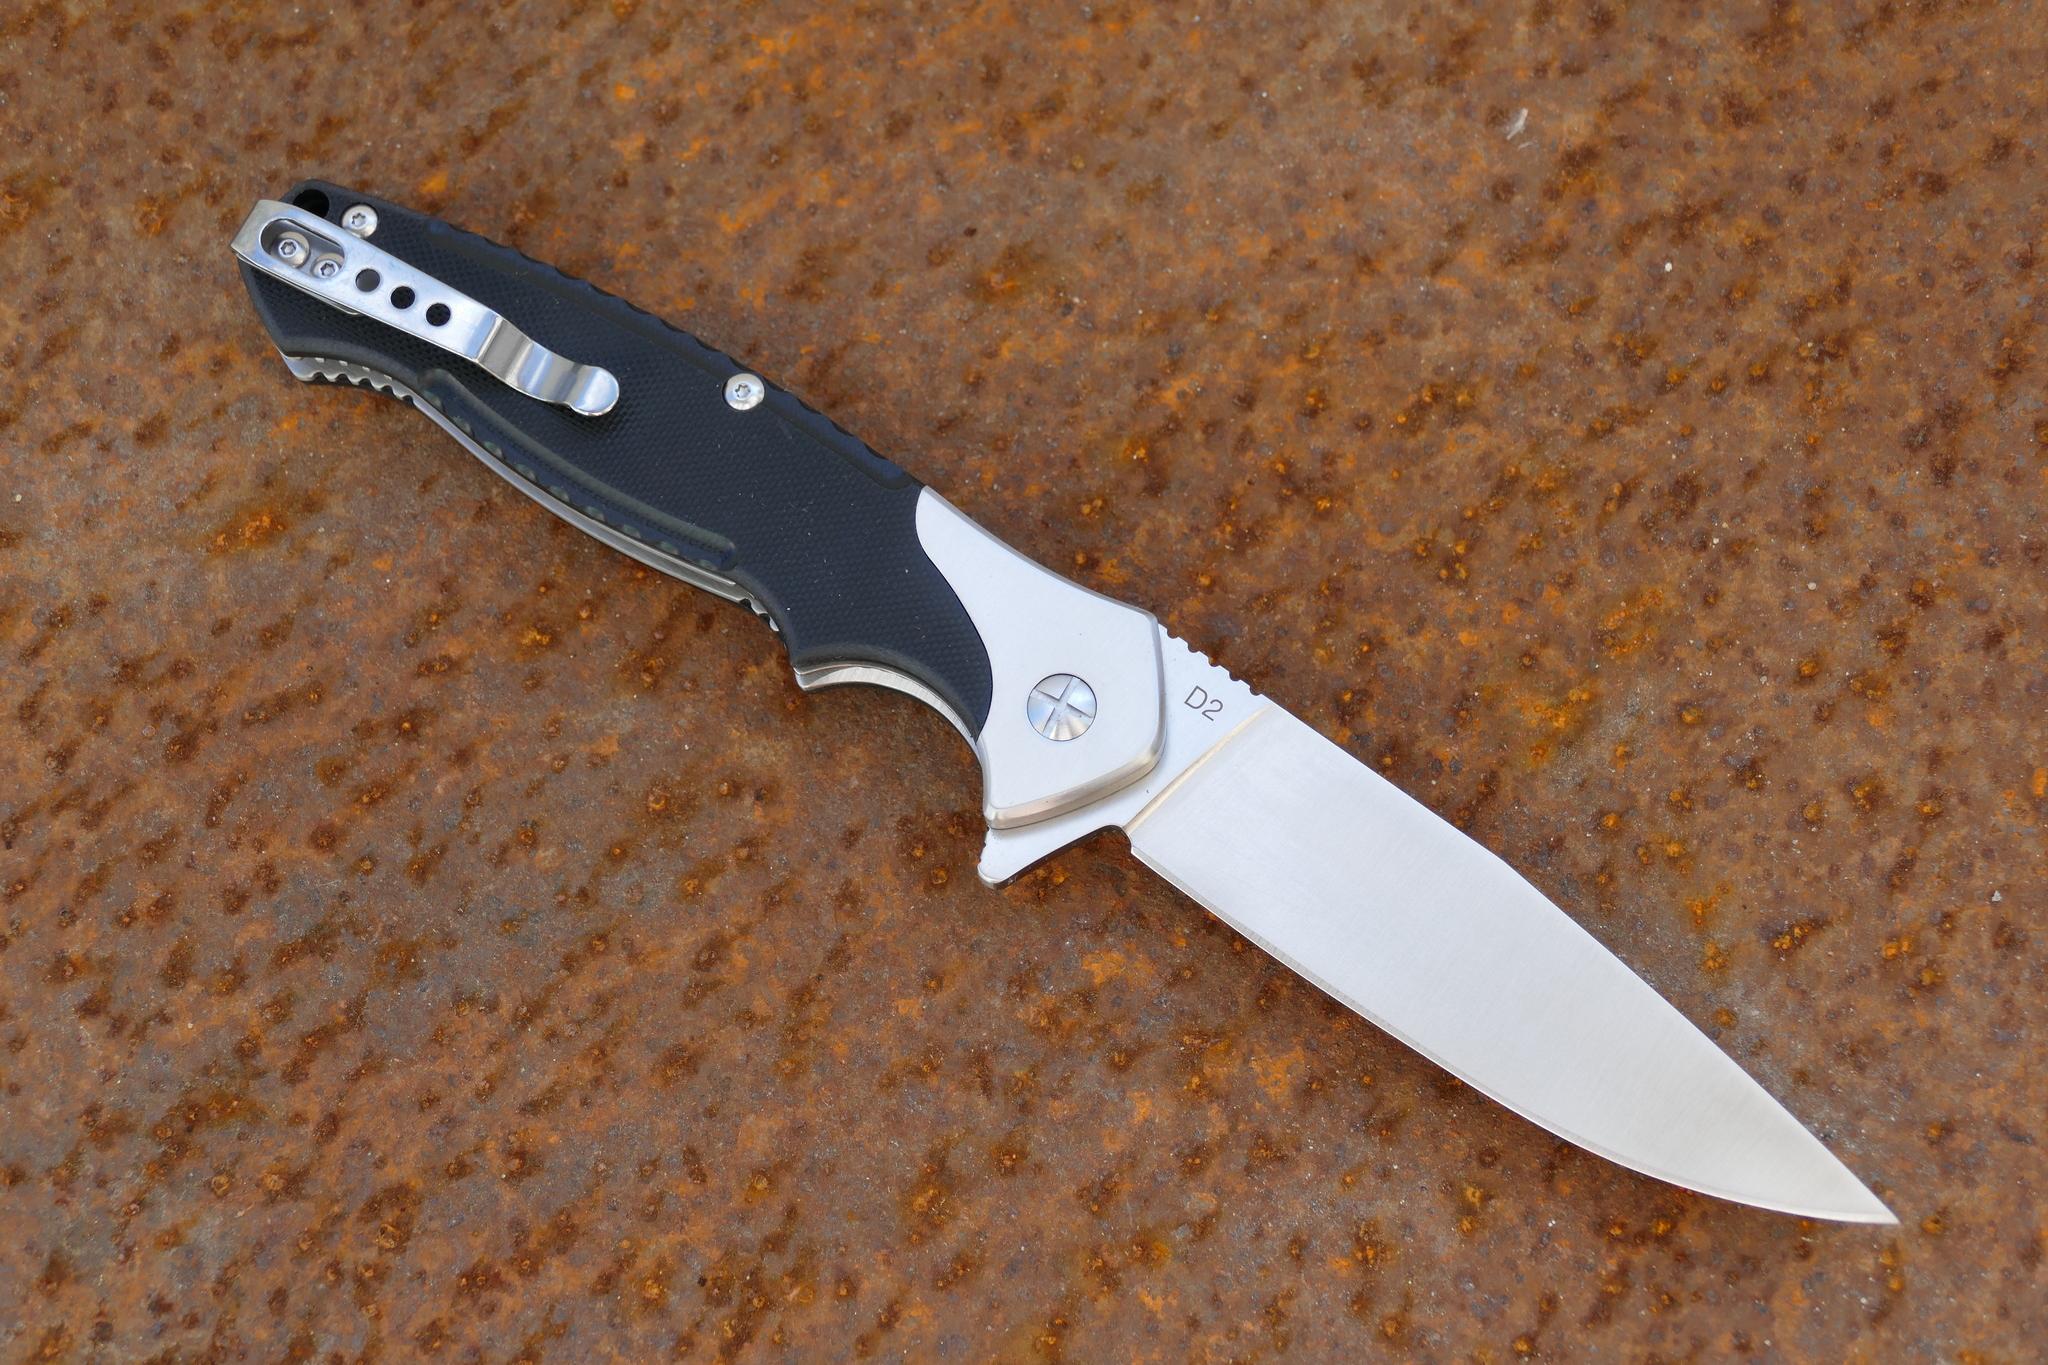 Фото 2 - Складной нож Секутор, сталь D2 от Steelclaw